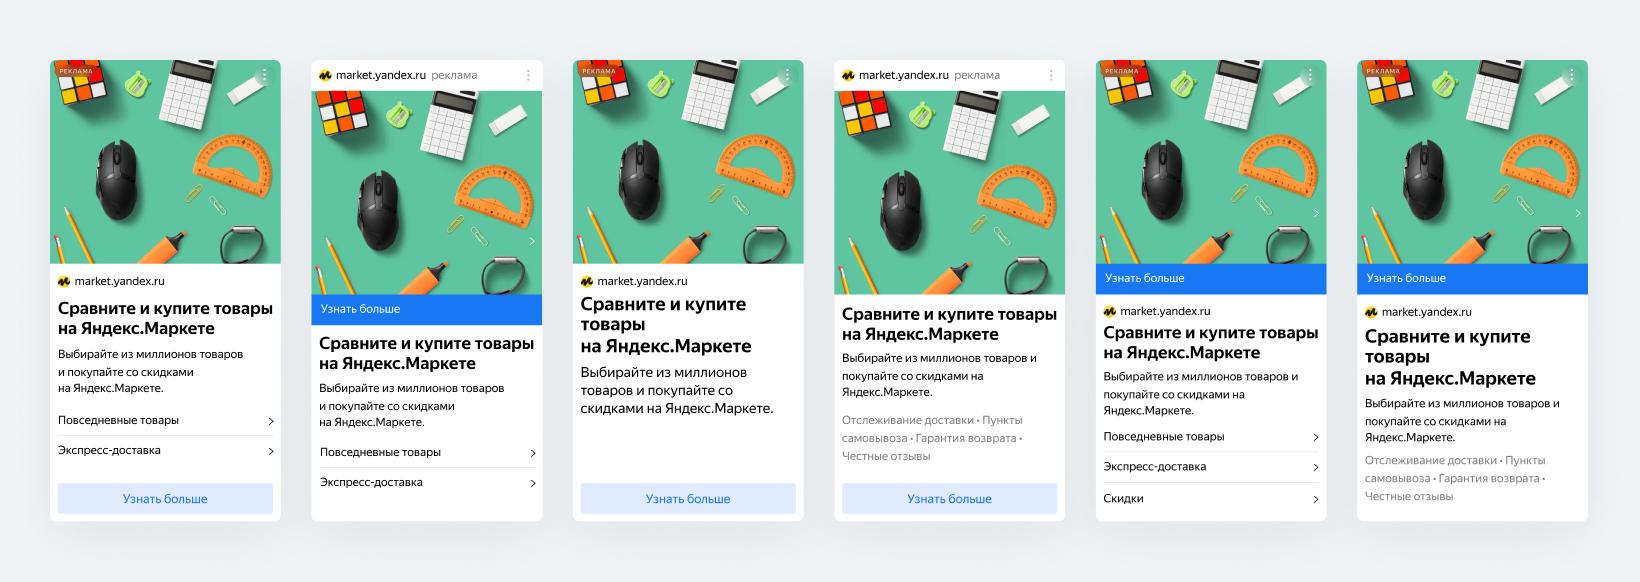 «Яндекс» запустил новый формат релкамы Smart Design